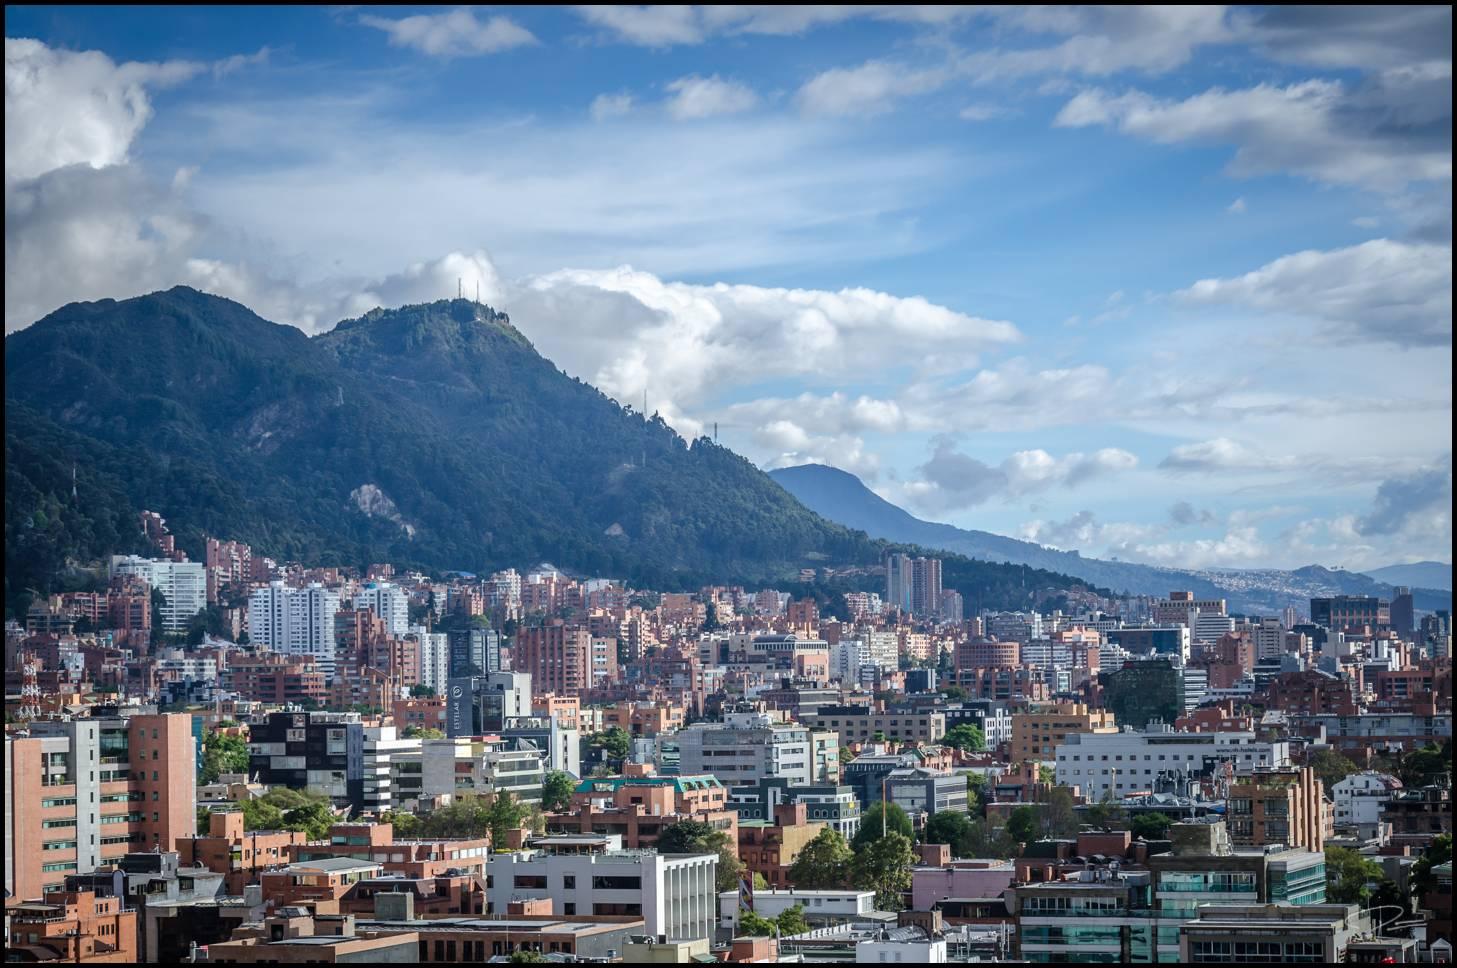 Bogota Cll100atCra15 30Sept2013 PG 064